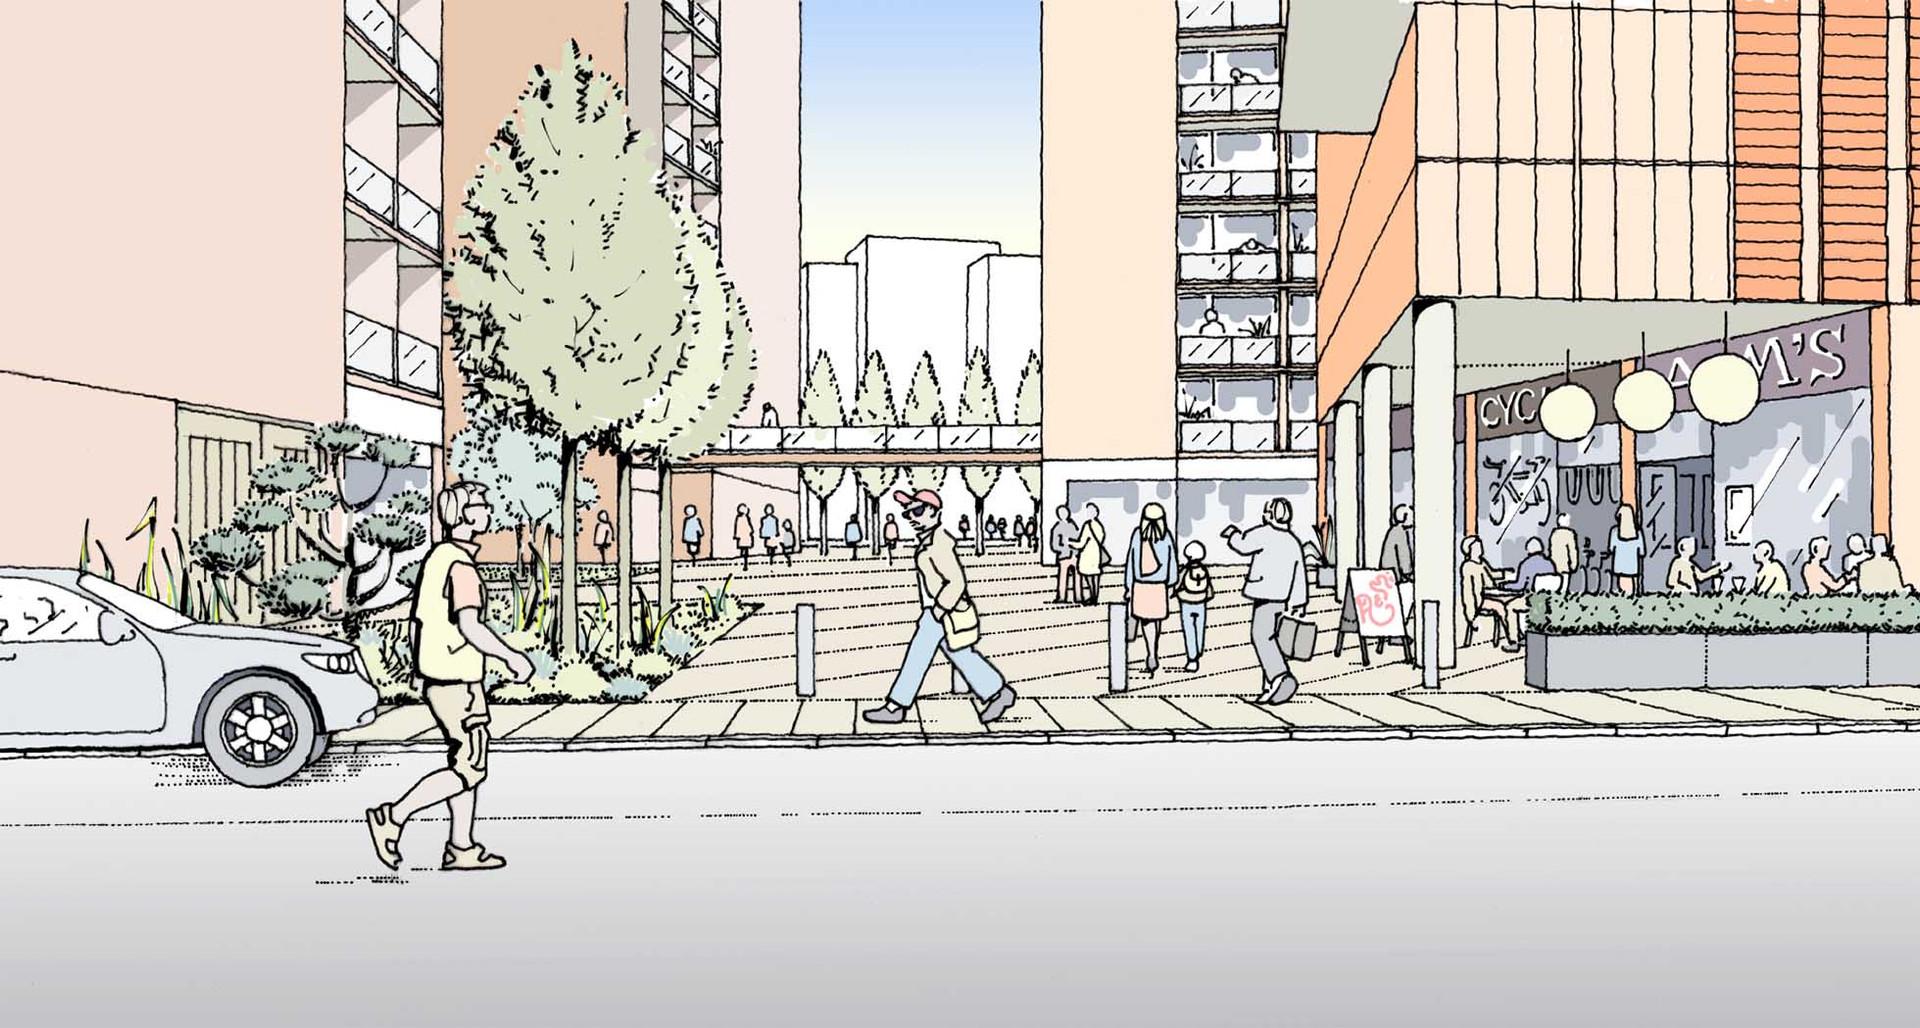 Public square Illustration